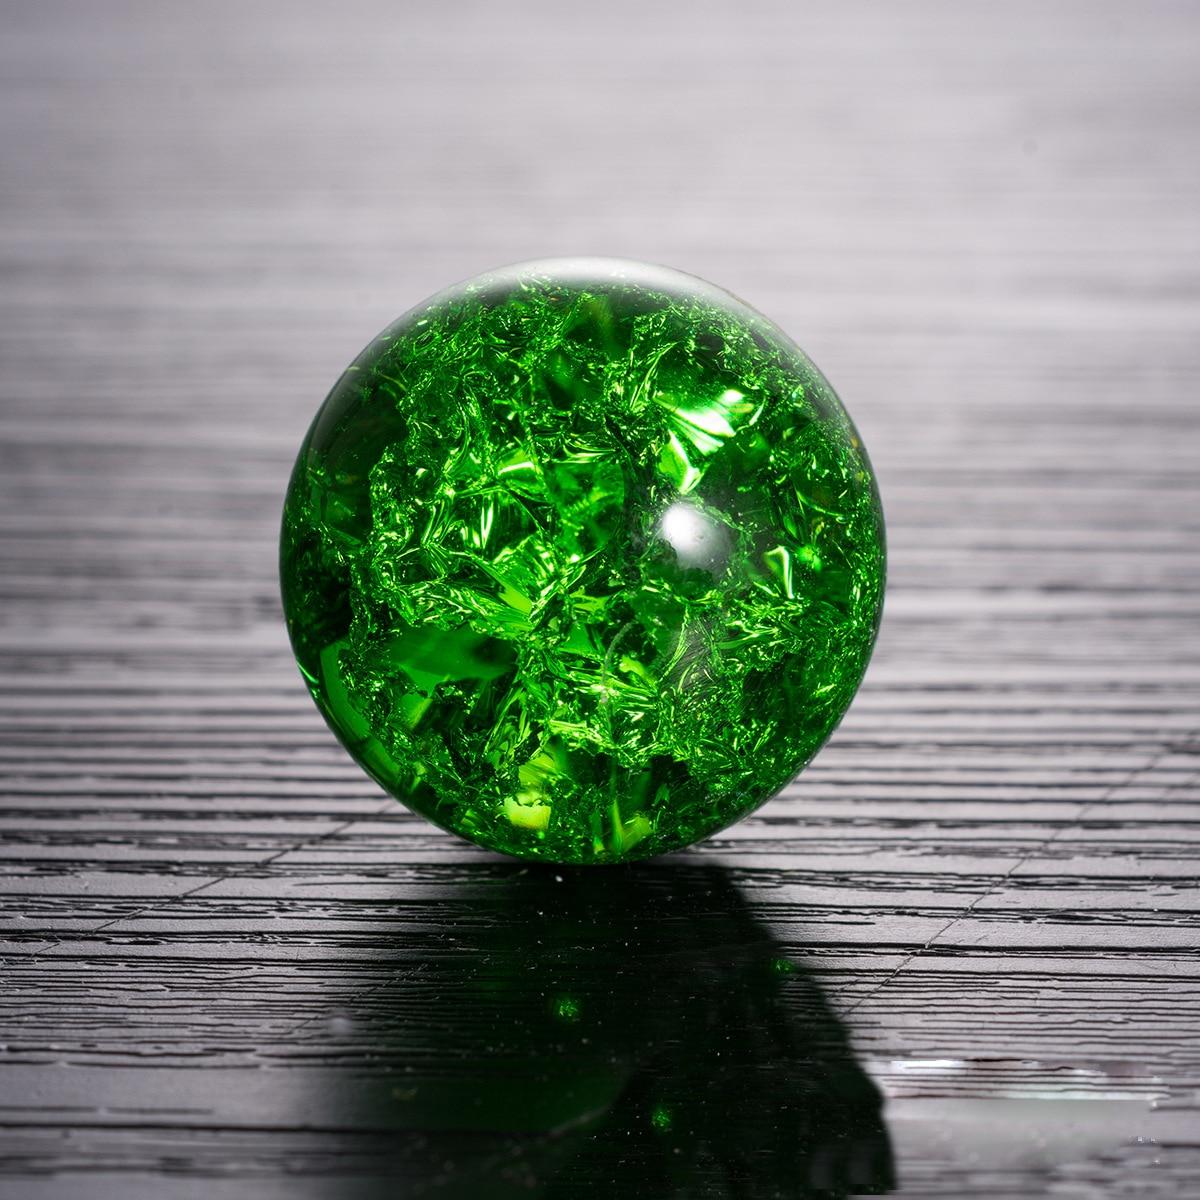 Gelo rachado bola de cristal vidro lente